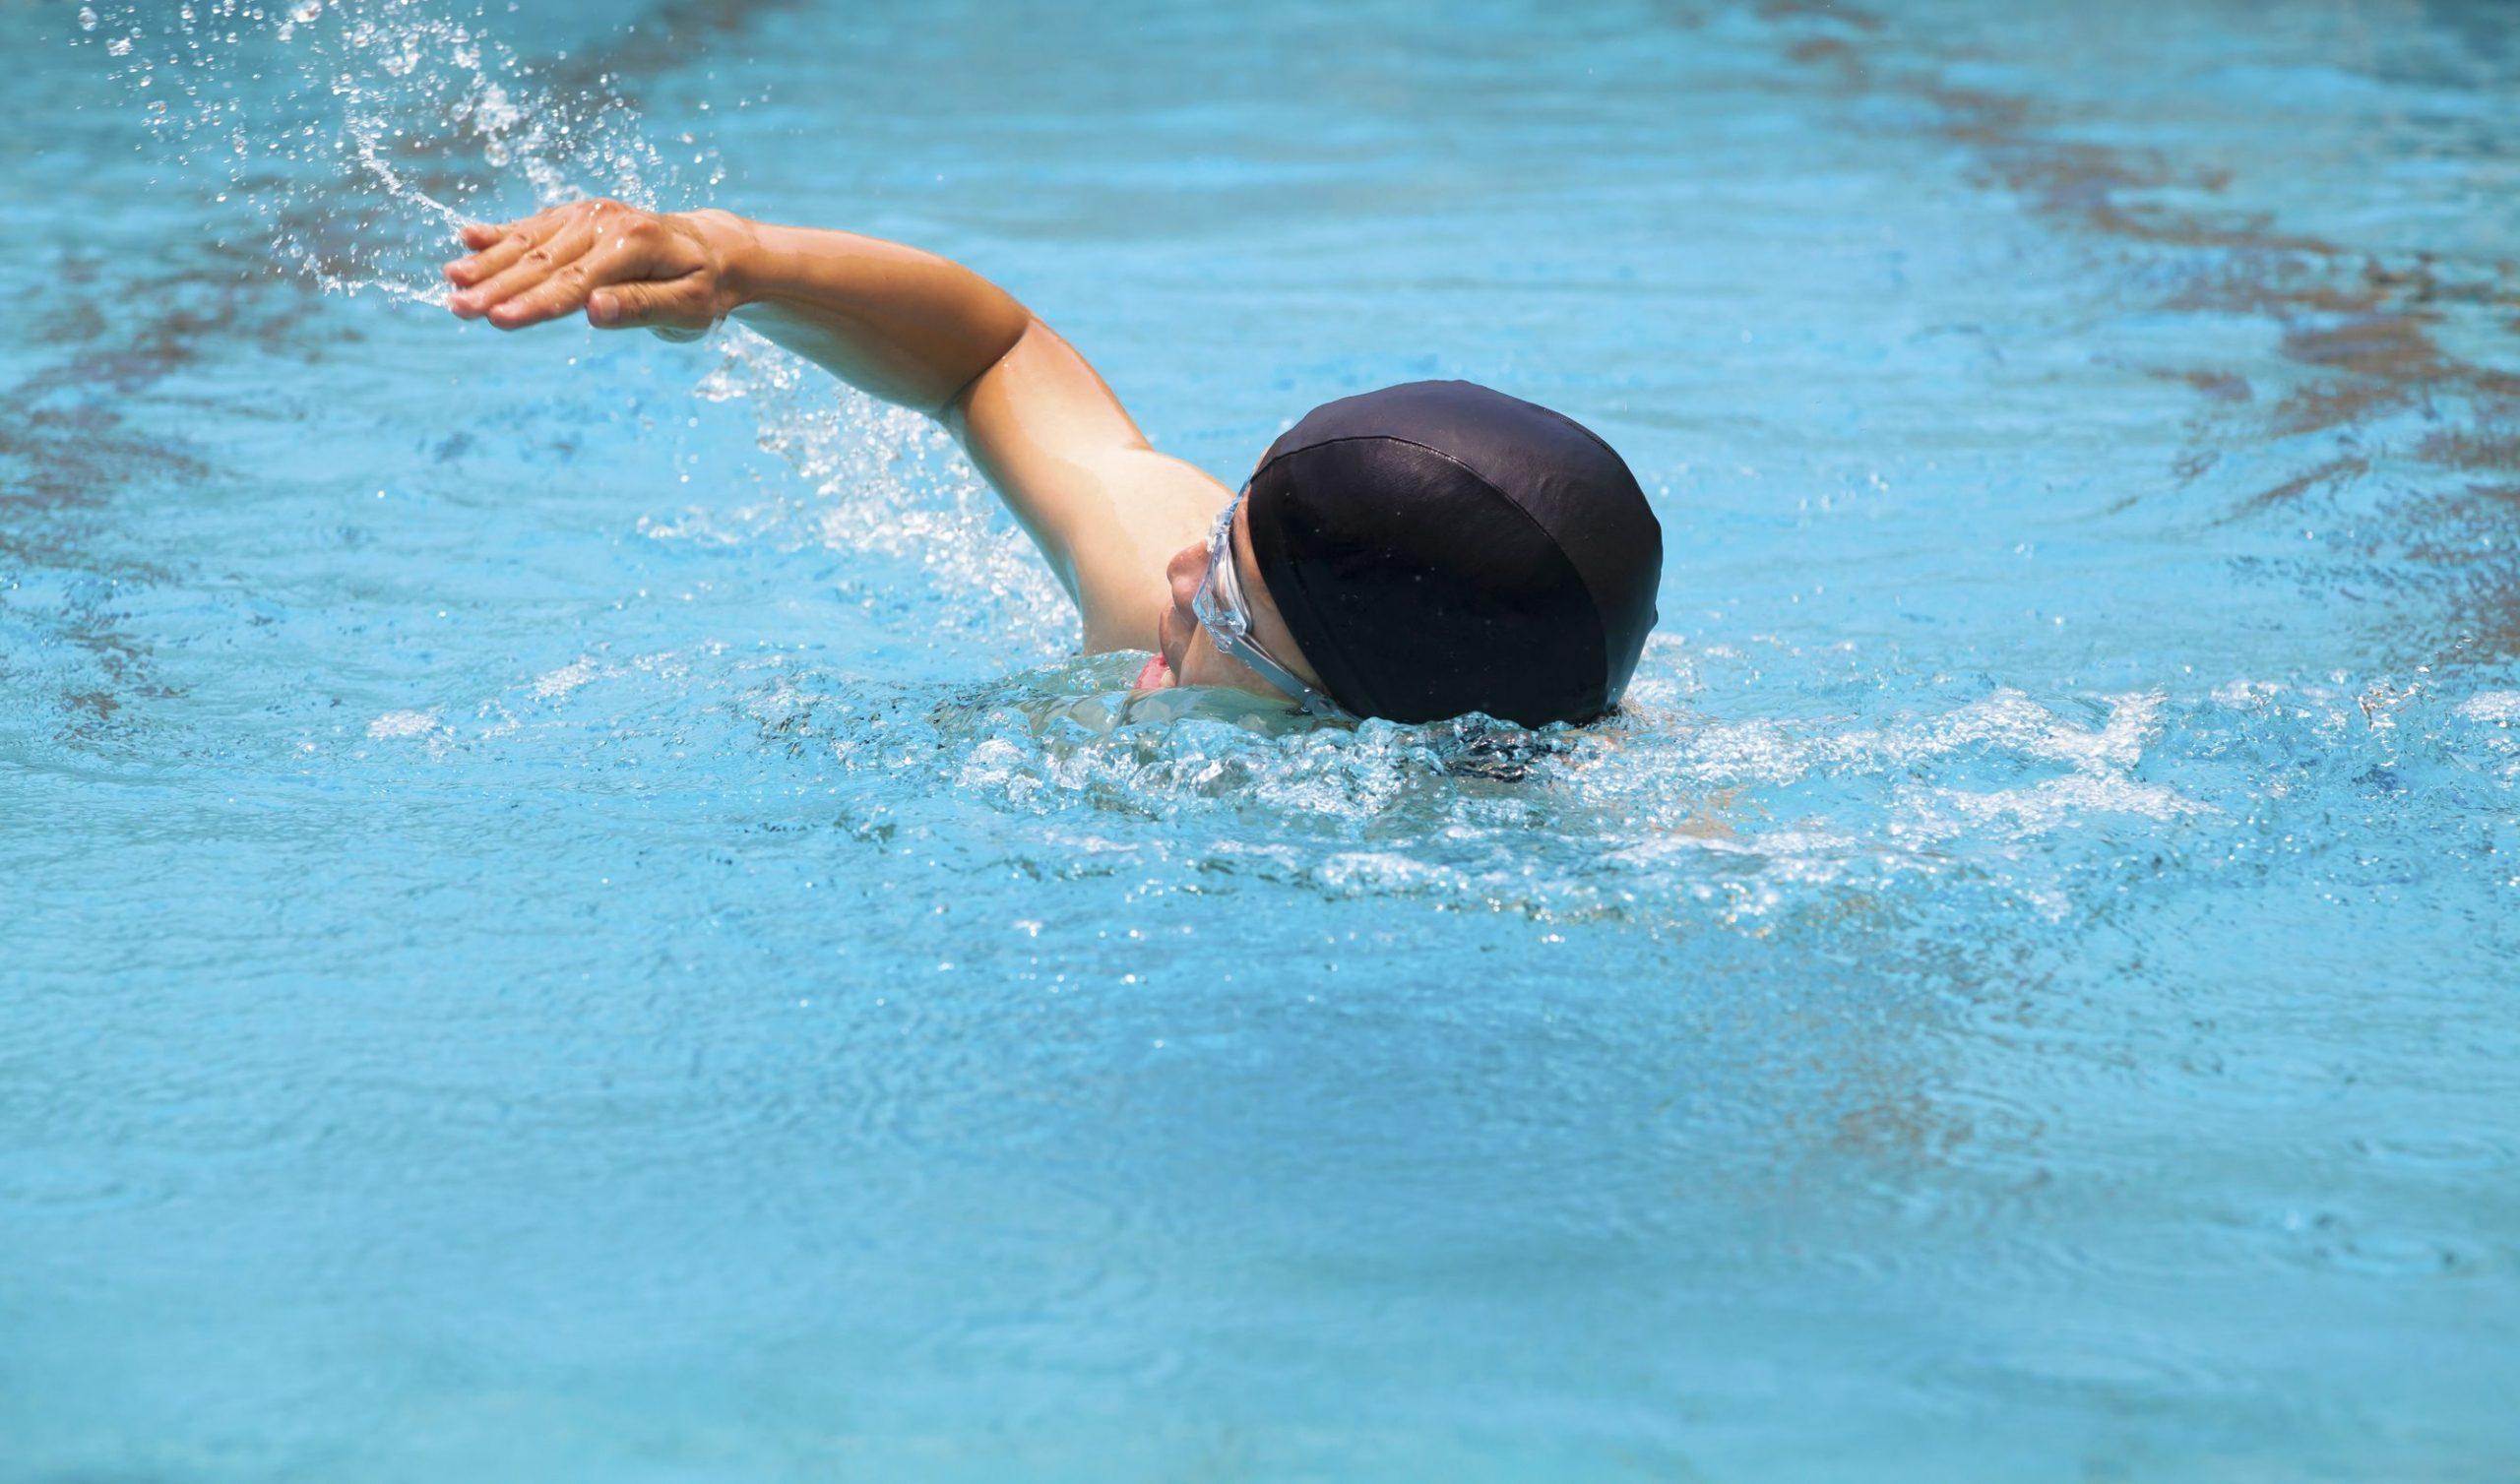 Hombre nadando estilo libre